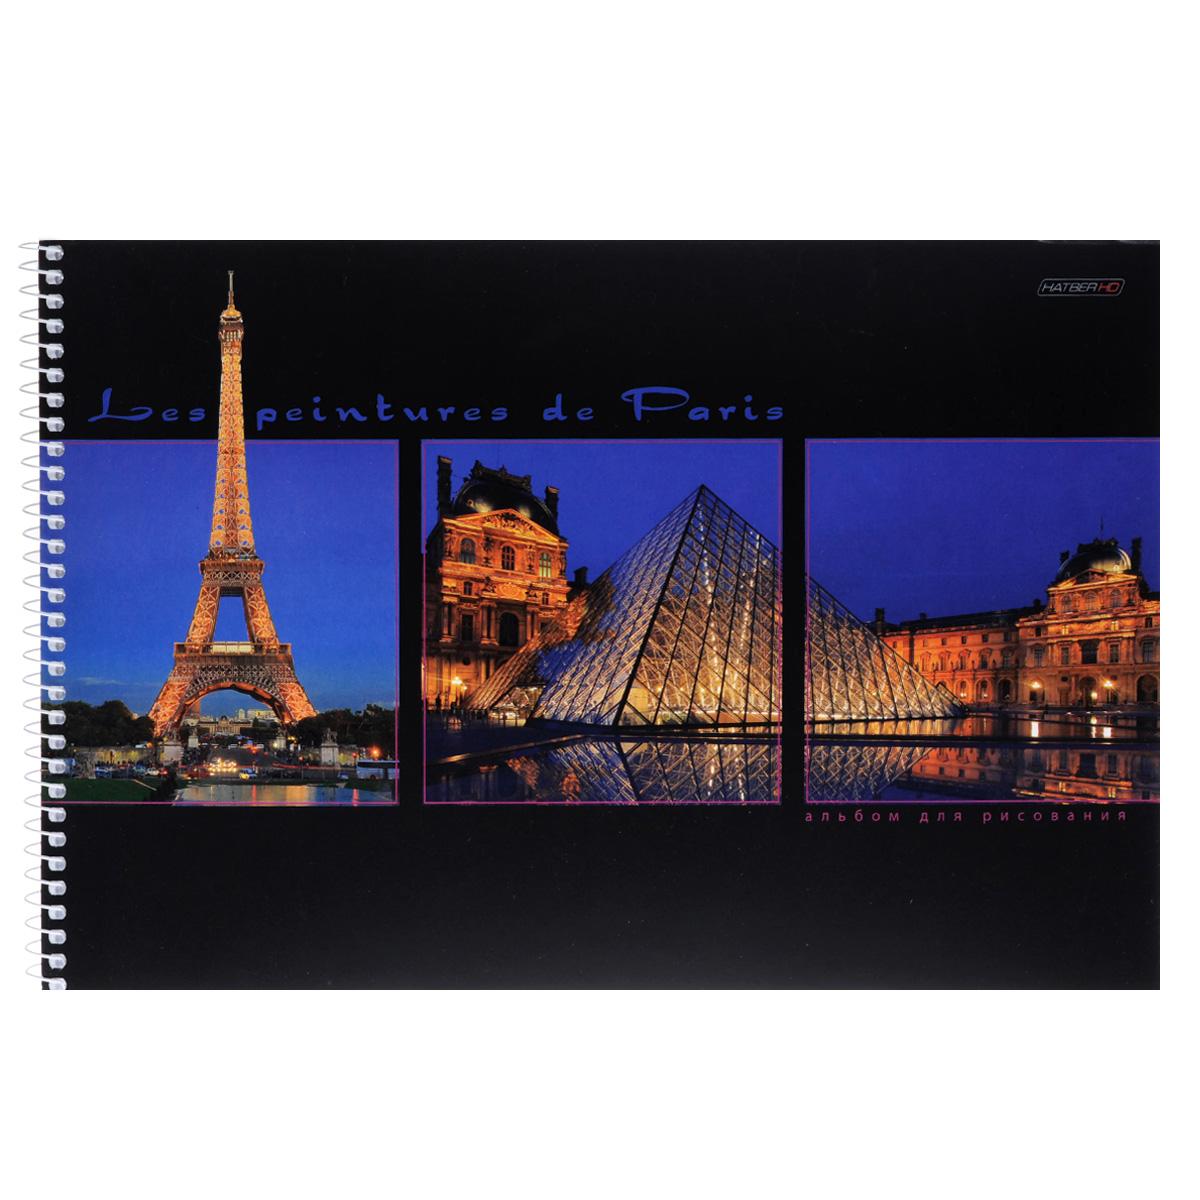 Альбом для рисования Hatber HD Окна Парижа, 48 листов48А4вмAсп_09931Альбом для рисования на боковой спирали Hatber HD Окна Парижа премиум класса непременно порадует маленького художника и вдохновит его на творчество. Альбом изготовлен из шелковисто-матовой бумаги с обложкой из мелованного картона, оформленной оригинальным рисунком с изображением достопримечательностей Парижа. В альбоме 48 листов. Высокое качество бумаги позволяет рисовать в альбоме карандашами, фломастерами, акварельными и гуашевыми красками. Рисование позволяет ребенку развивать творческие способности, кроме того, это увлекательный досуг. Способ крепления листов - спираль. Жесткая подложка. Перфорация листов. Альбом на спирали позволяет долгие годы хранить памятные рисунки, ведь их так просто удалить из альбома и поместить в рамку.